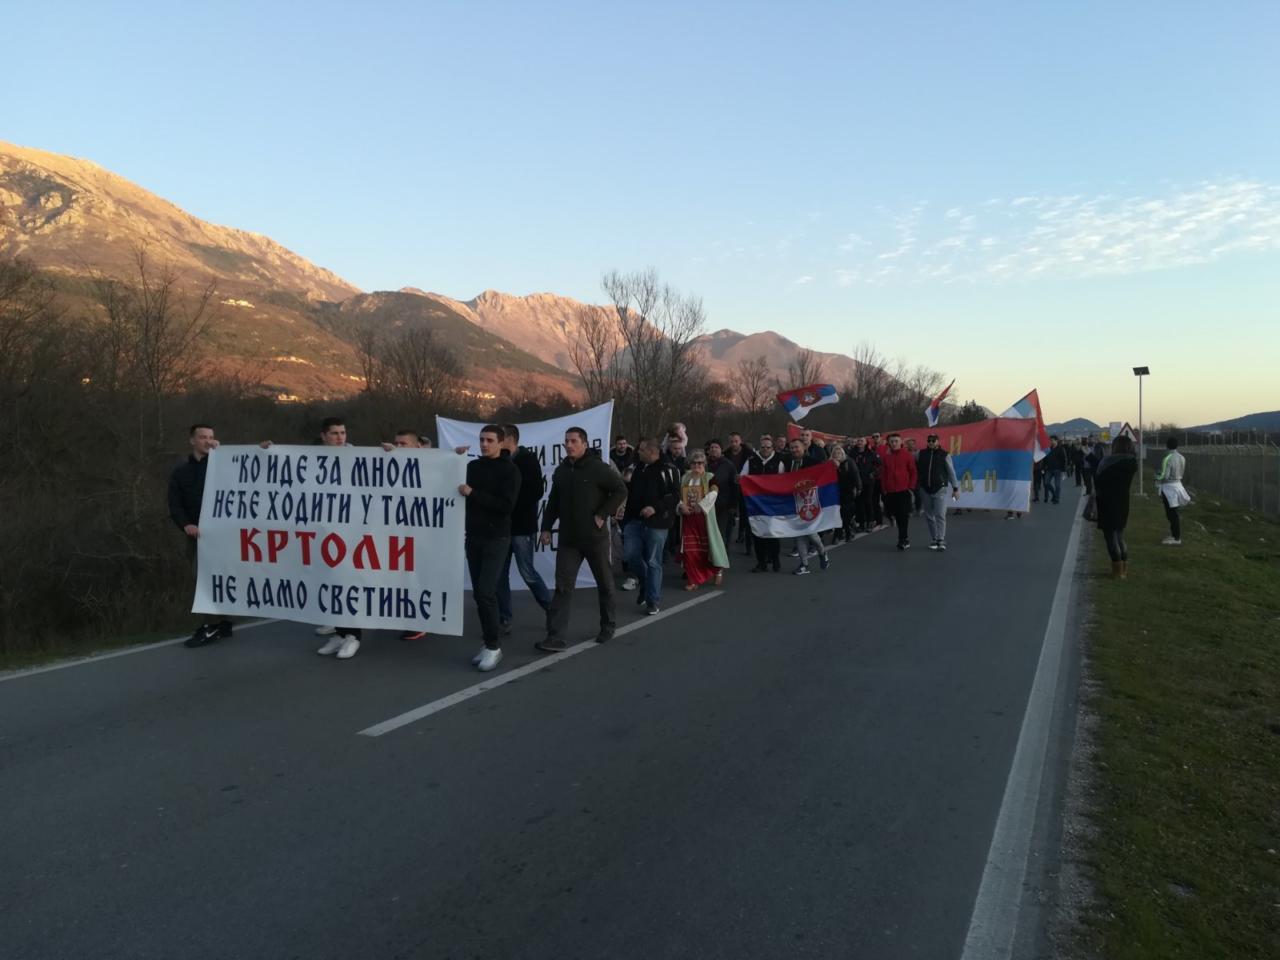 Vjernici na raskrsnici Tivat-Kotor-Budva